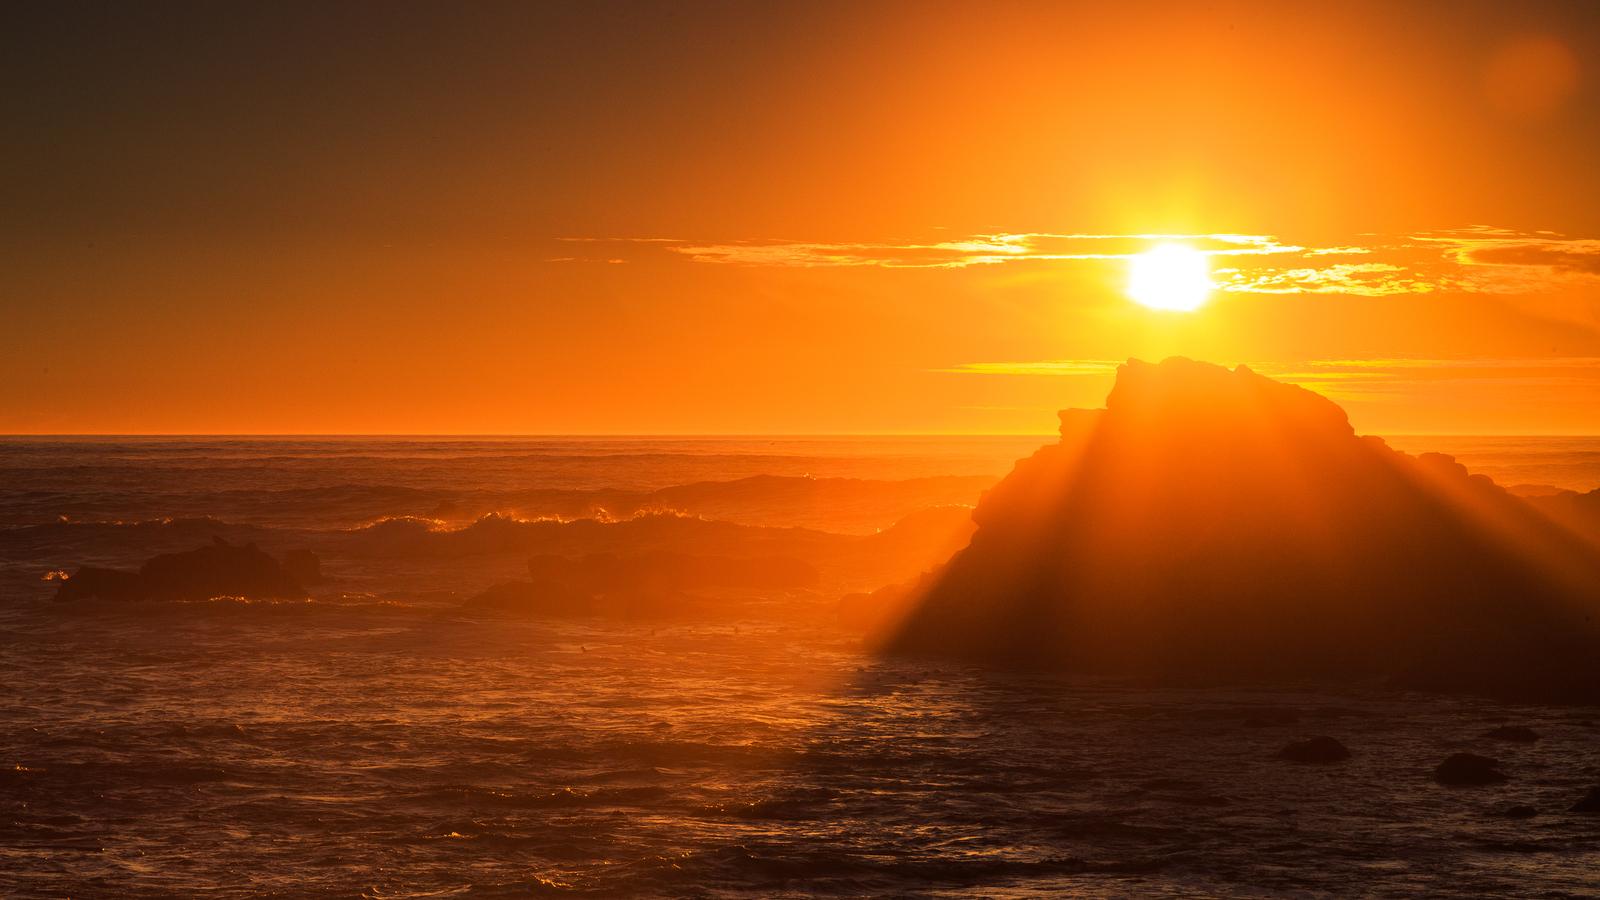 golden-hour-sunset-4k-k3.jpg